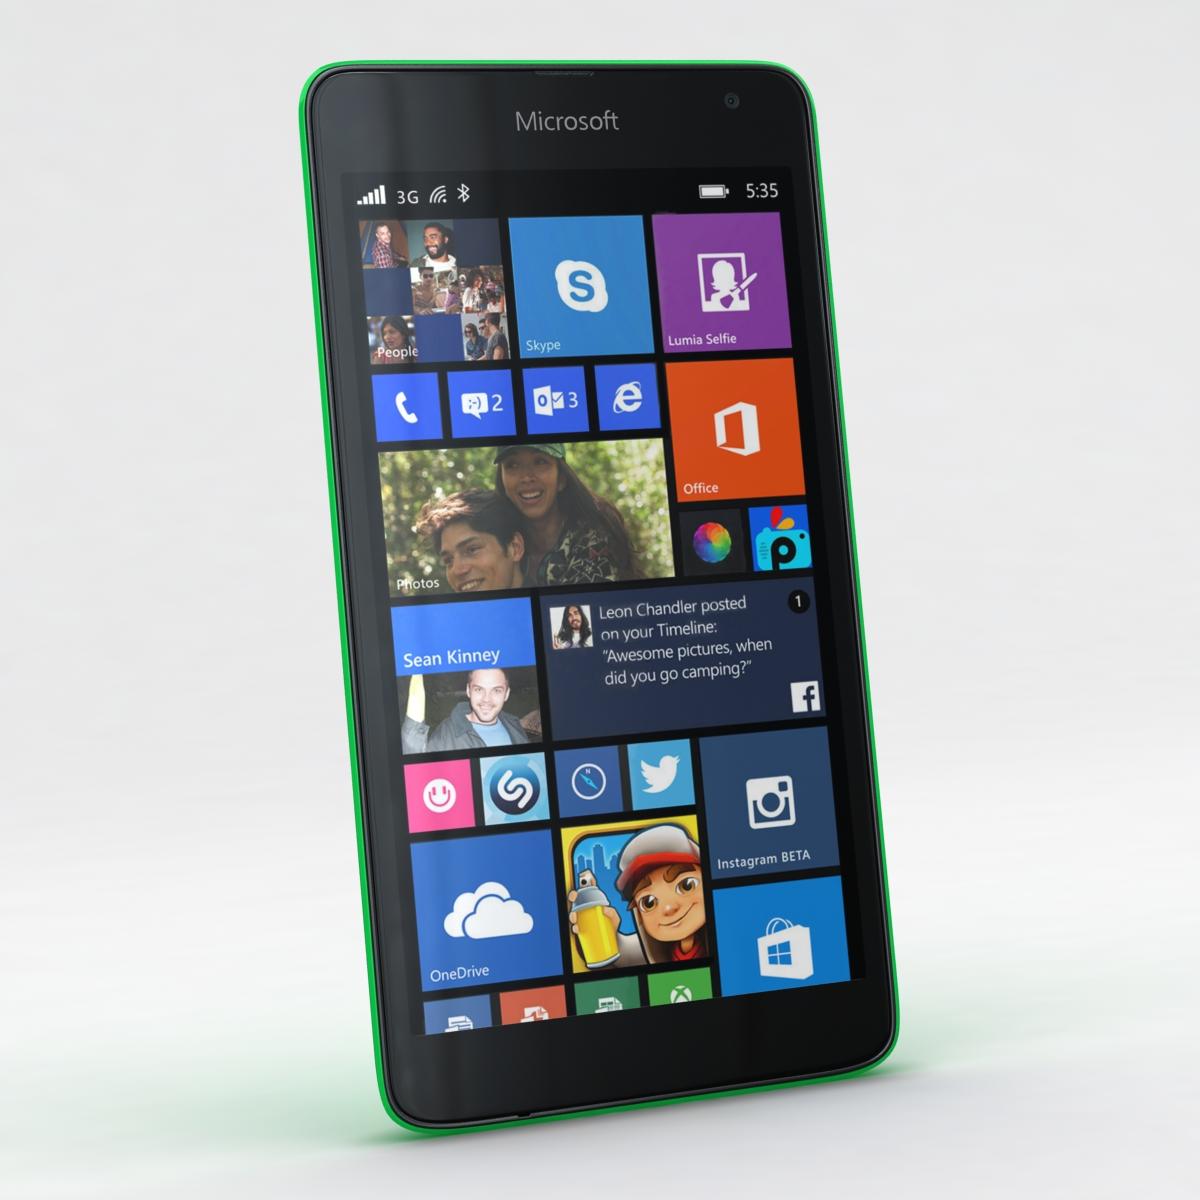 microsoft lumia 535 and dual sim all colors 3d model 3ds max fbx c4d obj 204669